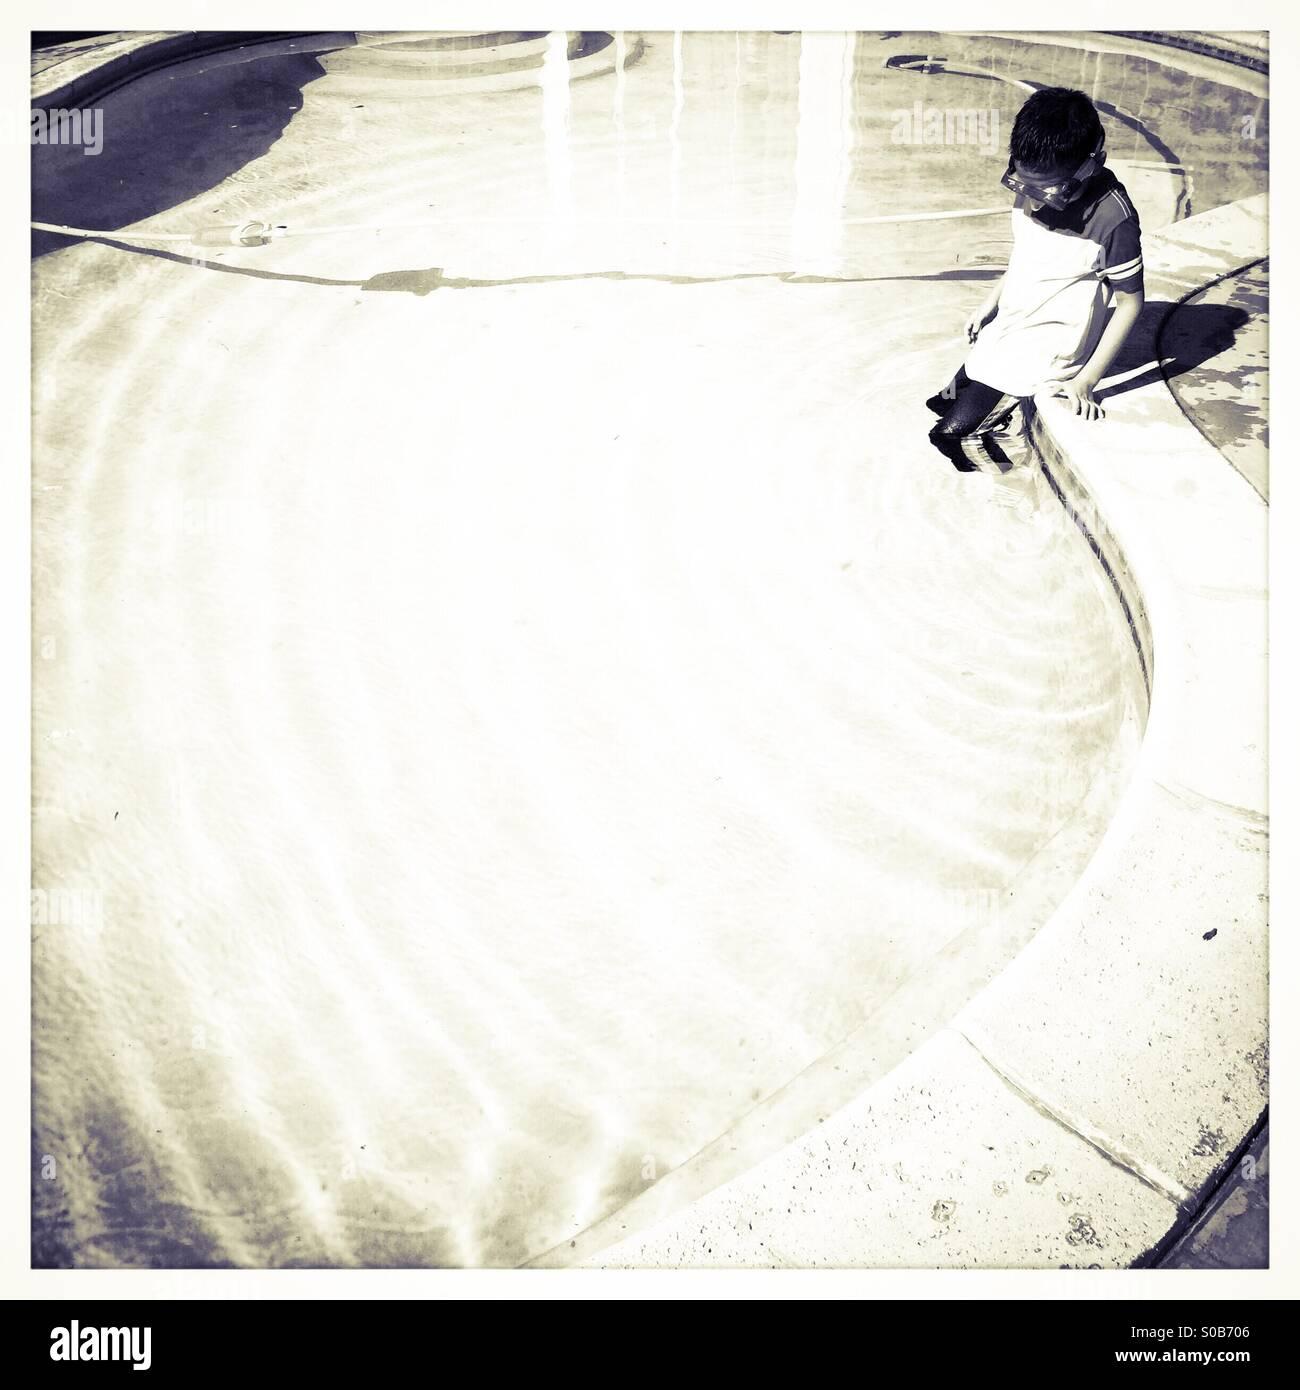 Un niño de siete años con ropas y una máscara de natación se sienta en el borde de una piscina. Imagen De Stock